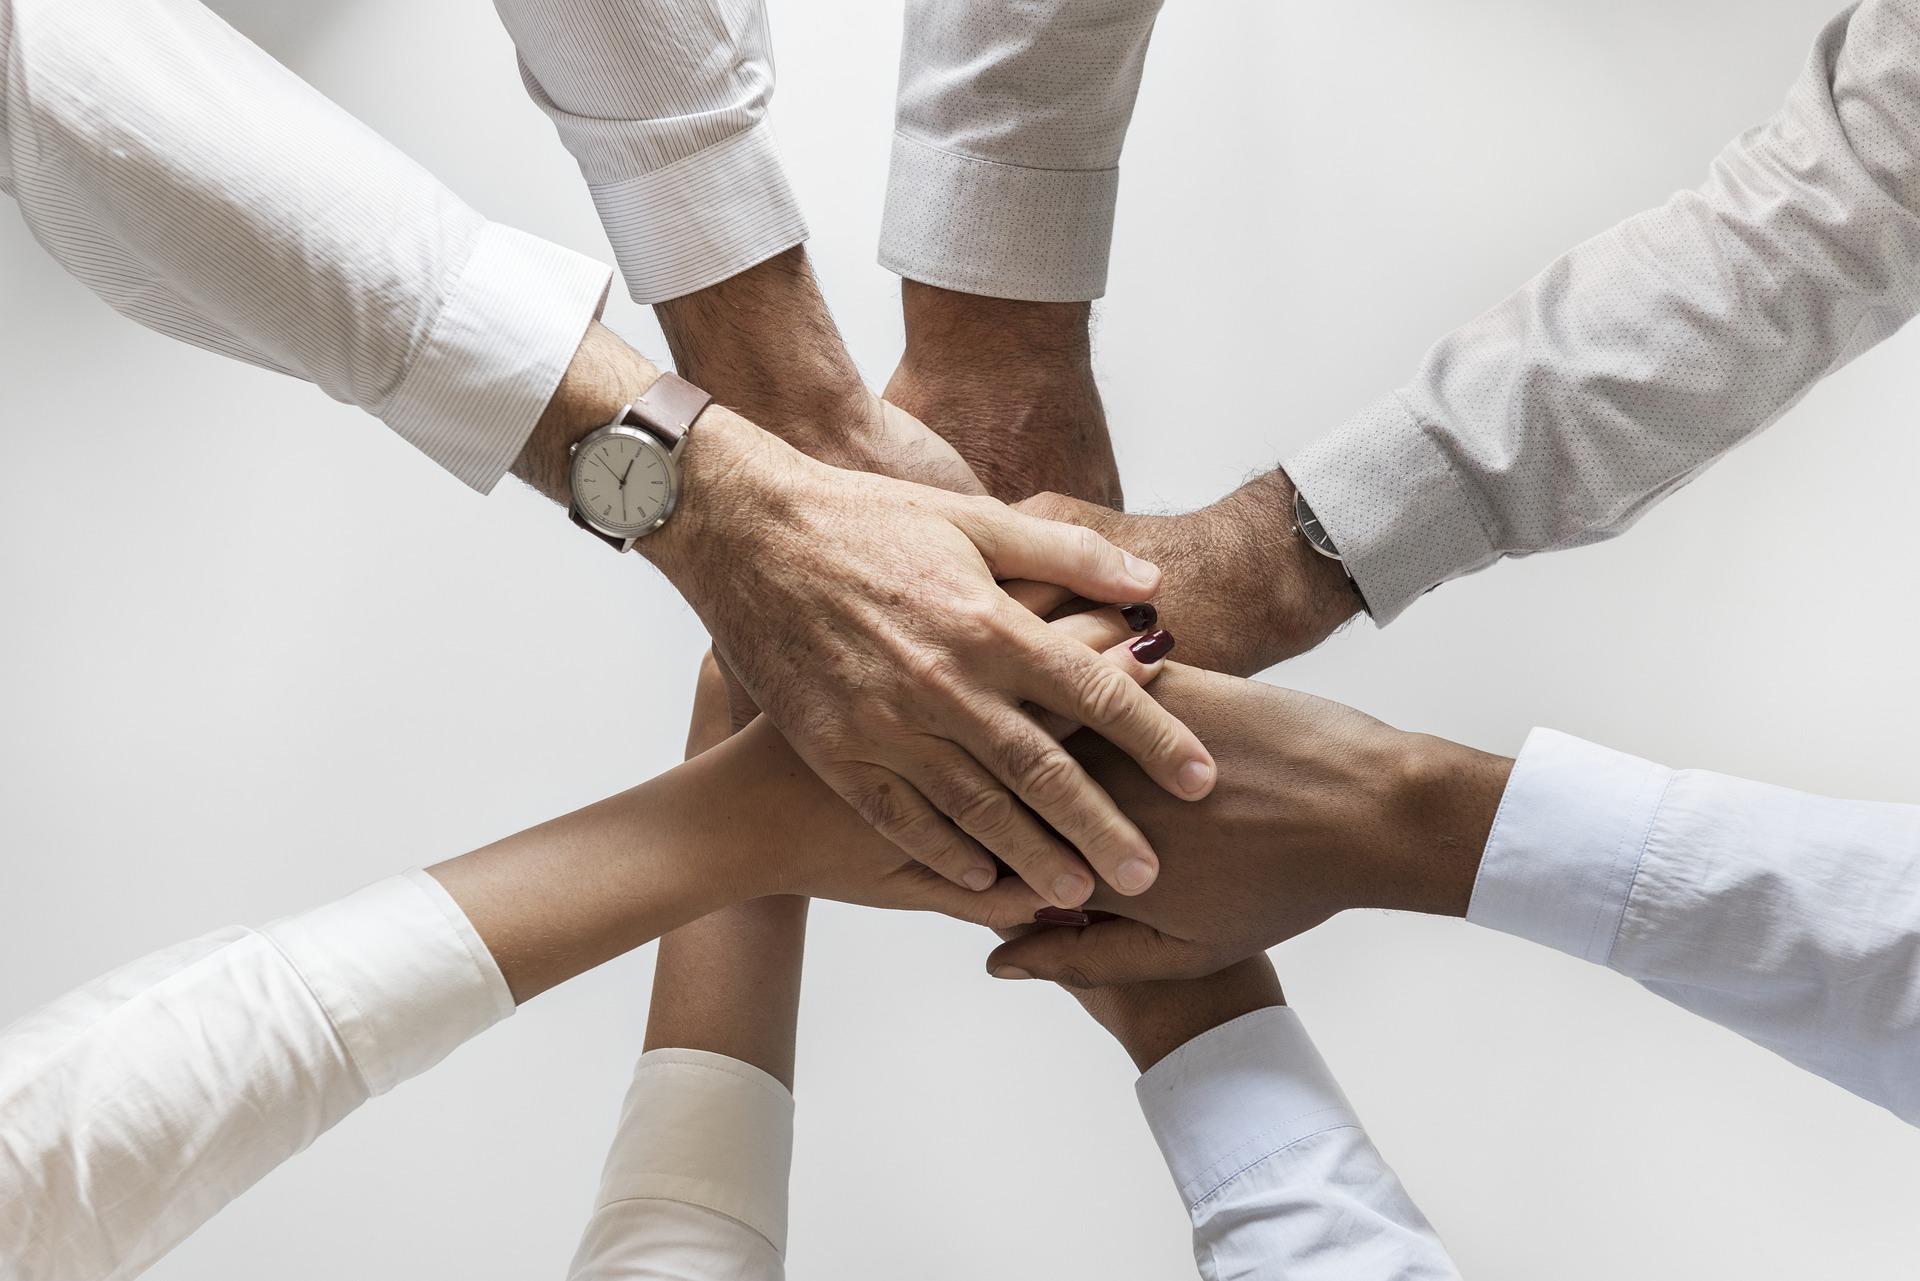 Monen ihmisen kädet päällekkäin